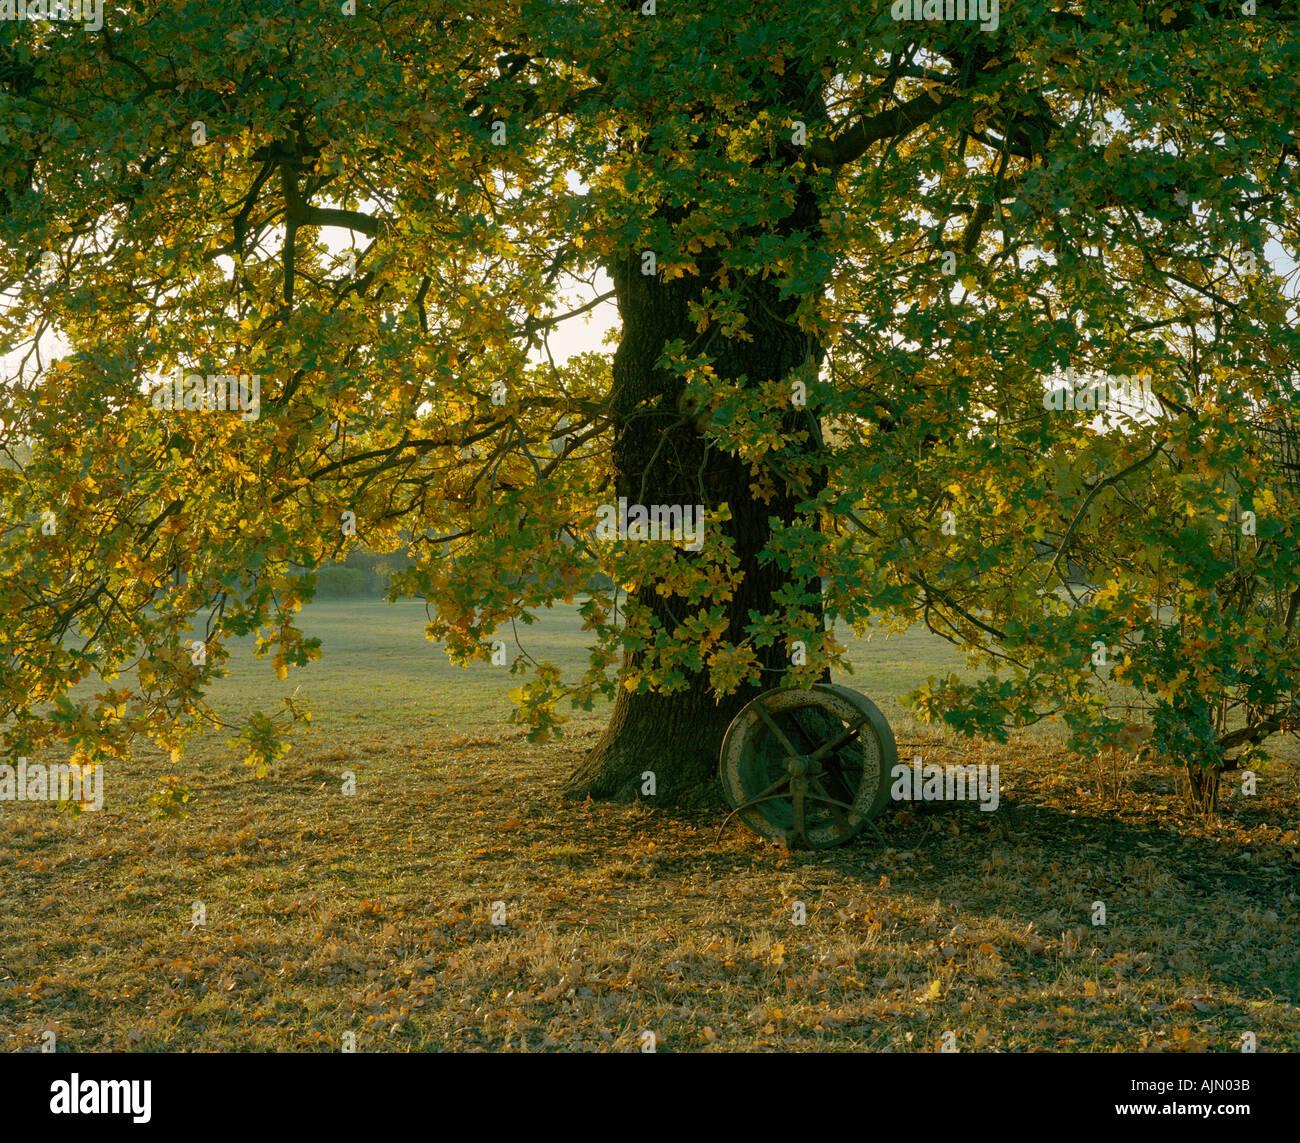 Rullo di erba sotto la quercia vicino campo da cricket a inizio autunno Foto Stock